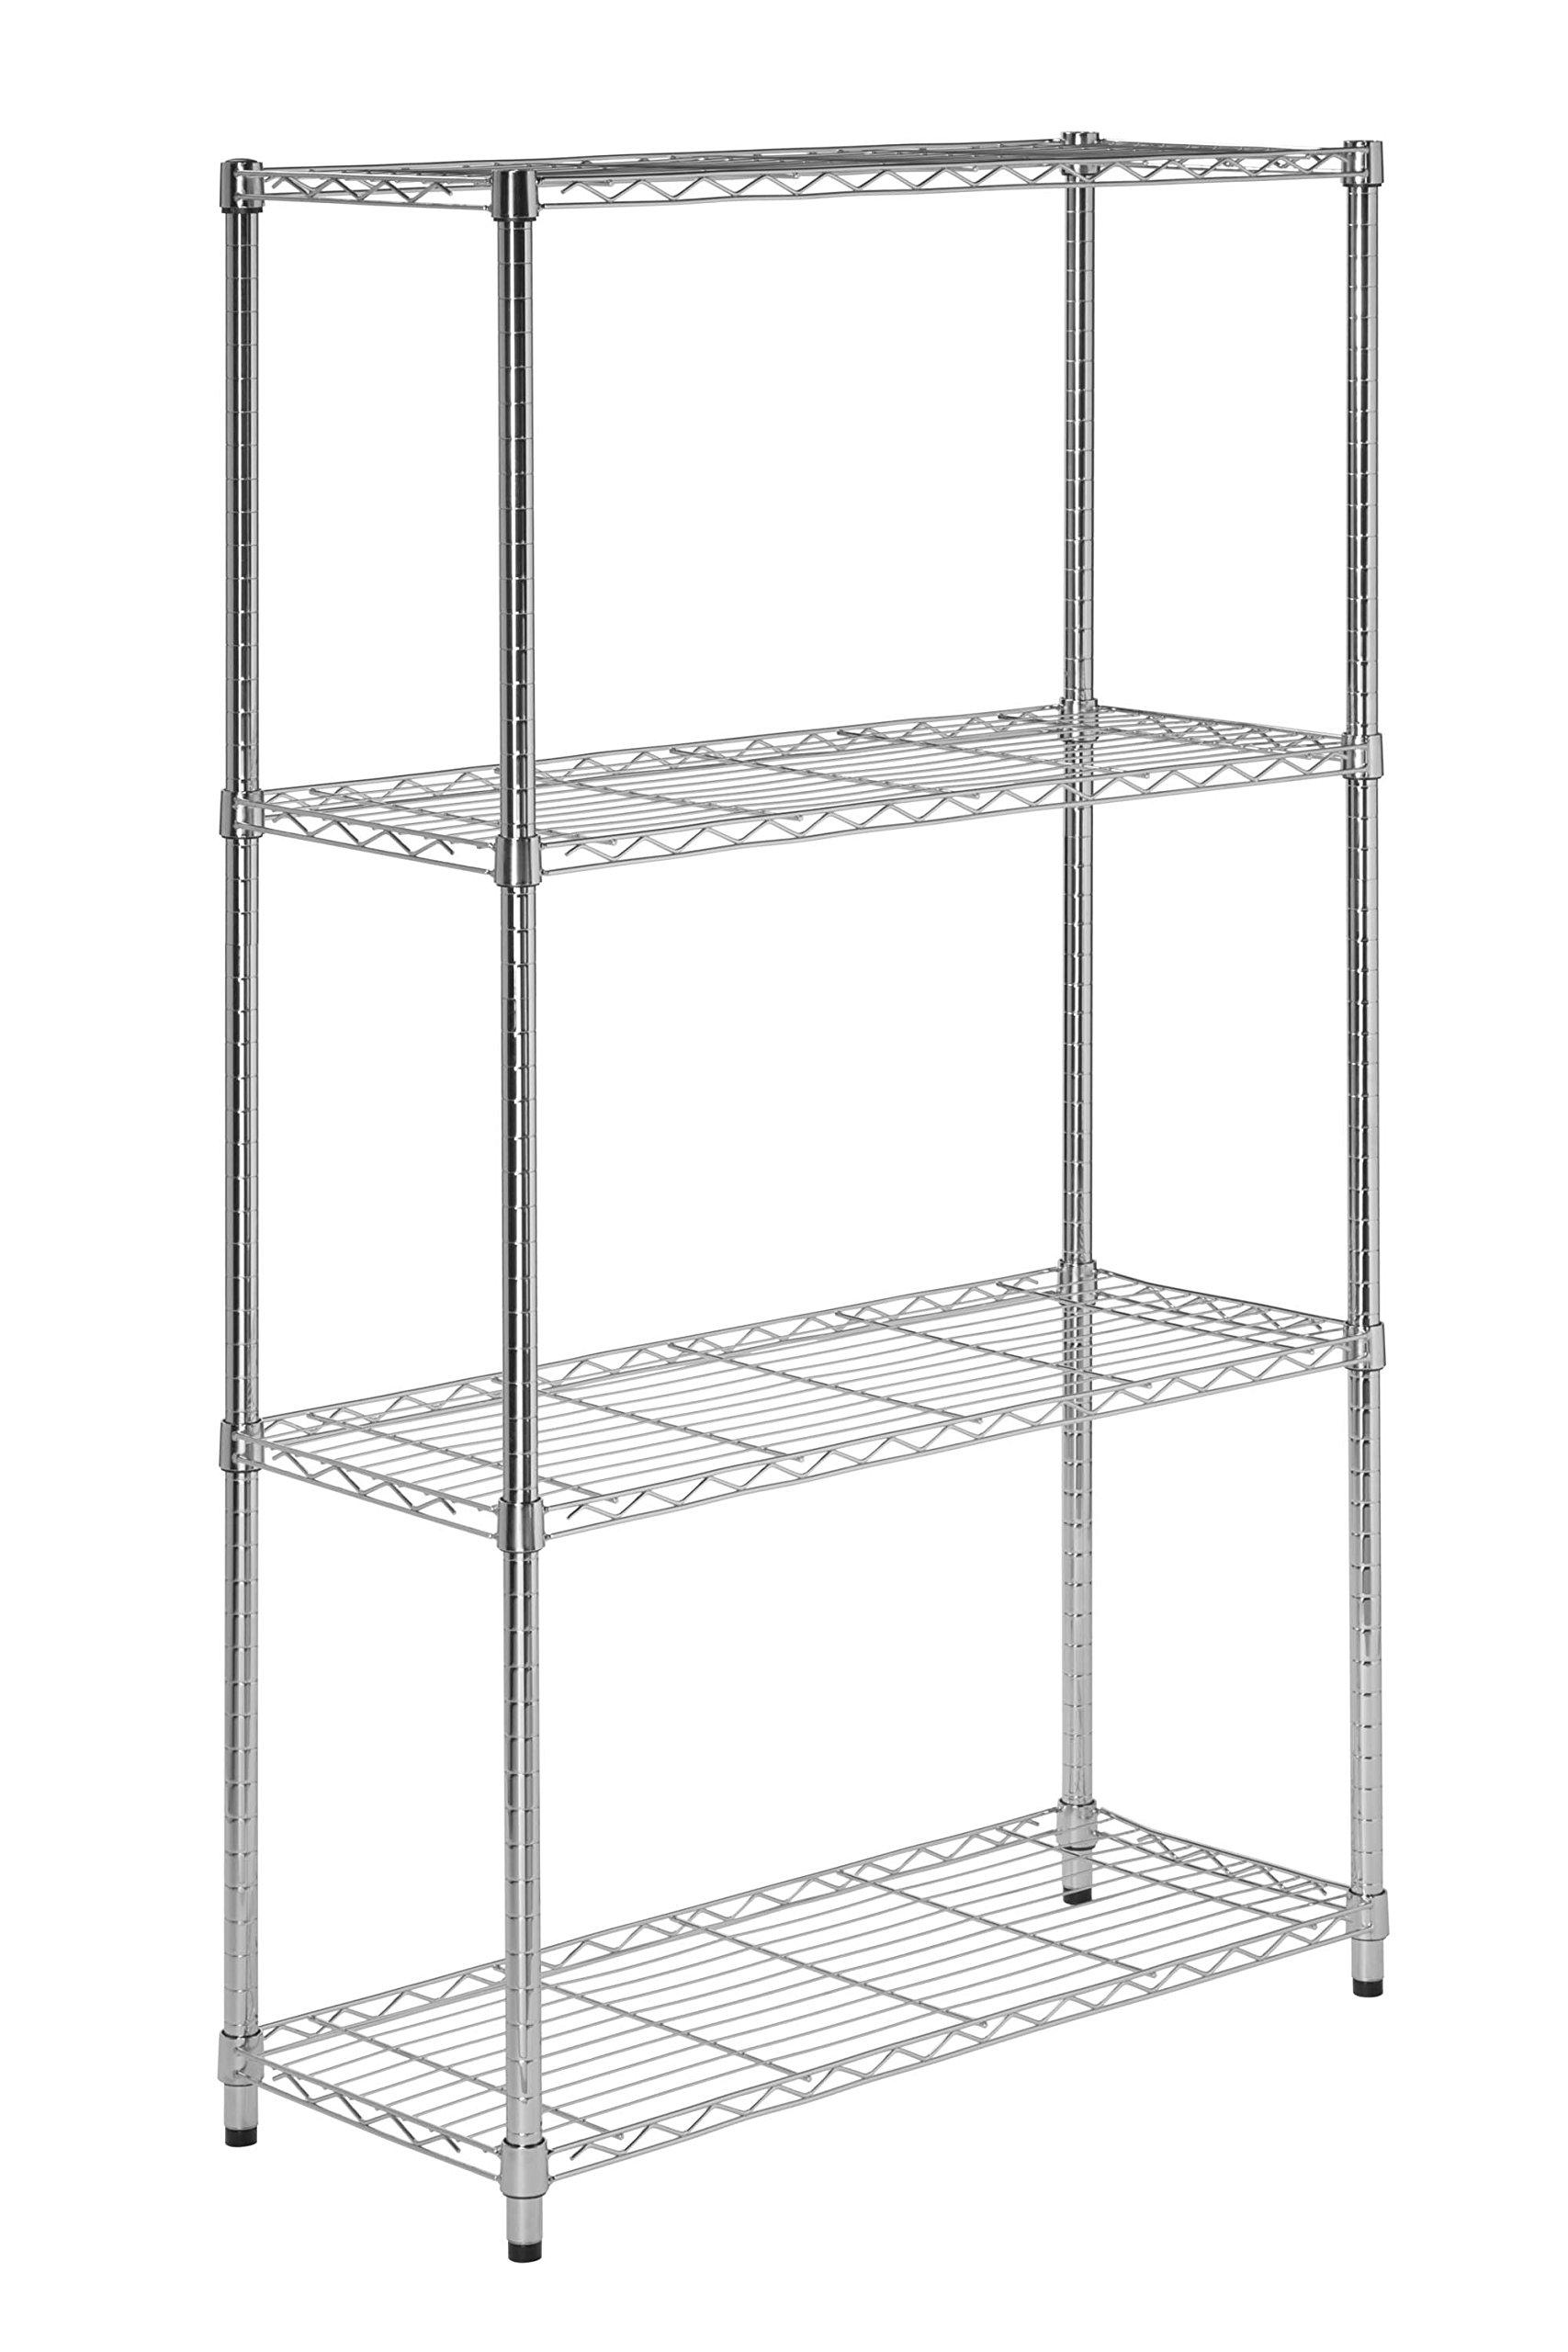 Honey-Can-Do 4-Tier Commercial Grade Adjustable Storage Shelves, Chrome